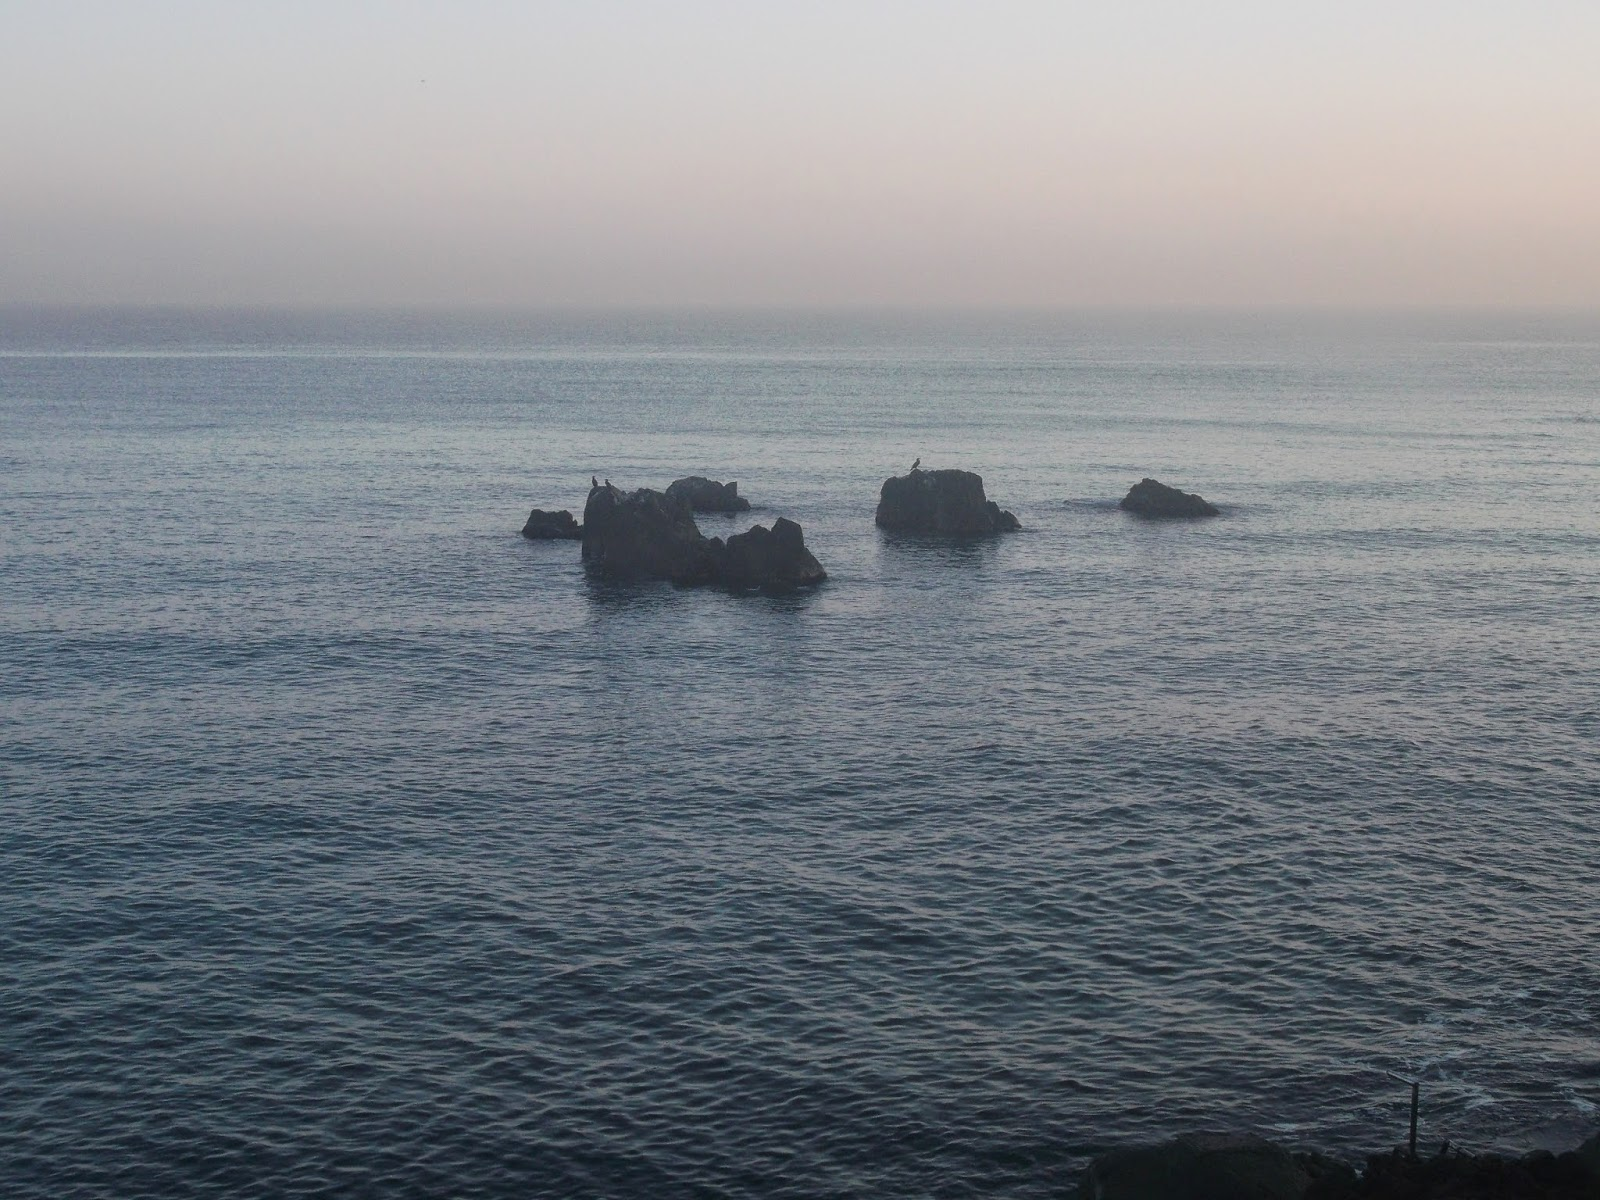 huzur, karadeniz, ünye, ordu, sahil, deniz, kum, mutluluk